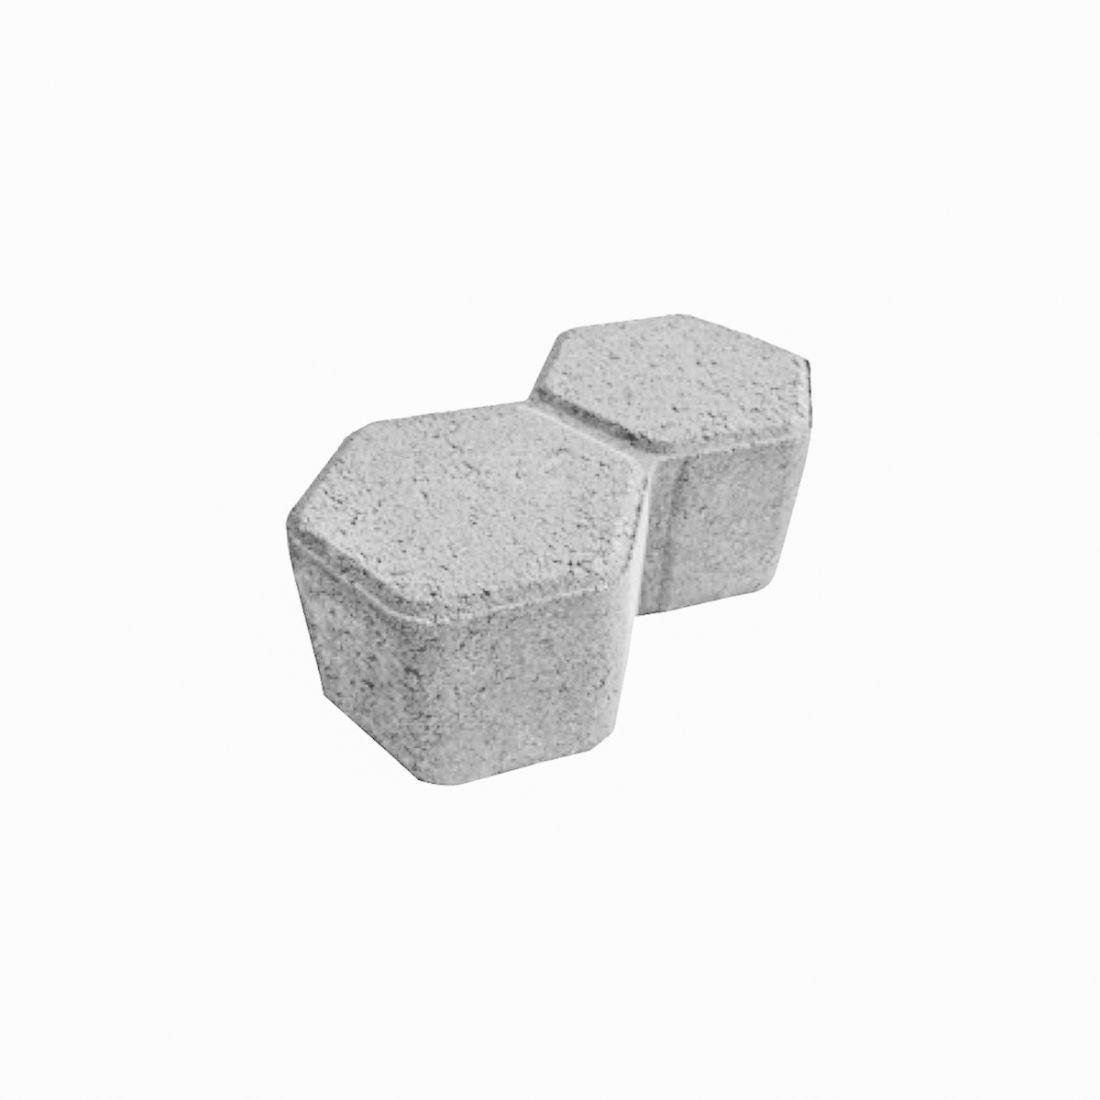 Aquaflow Permeable Paver 60mm Ash